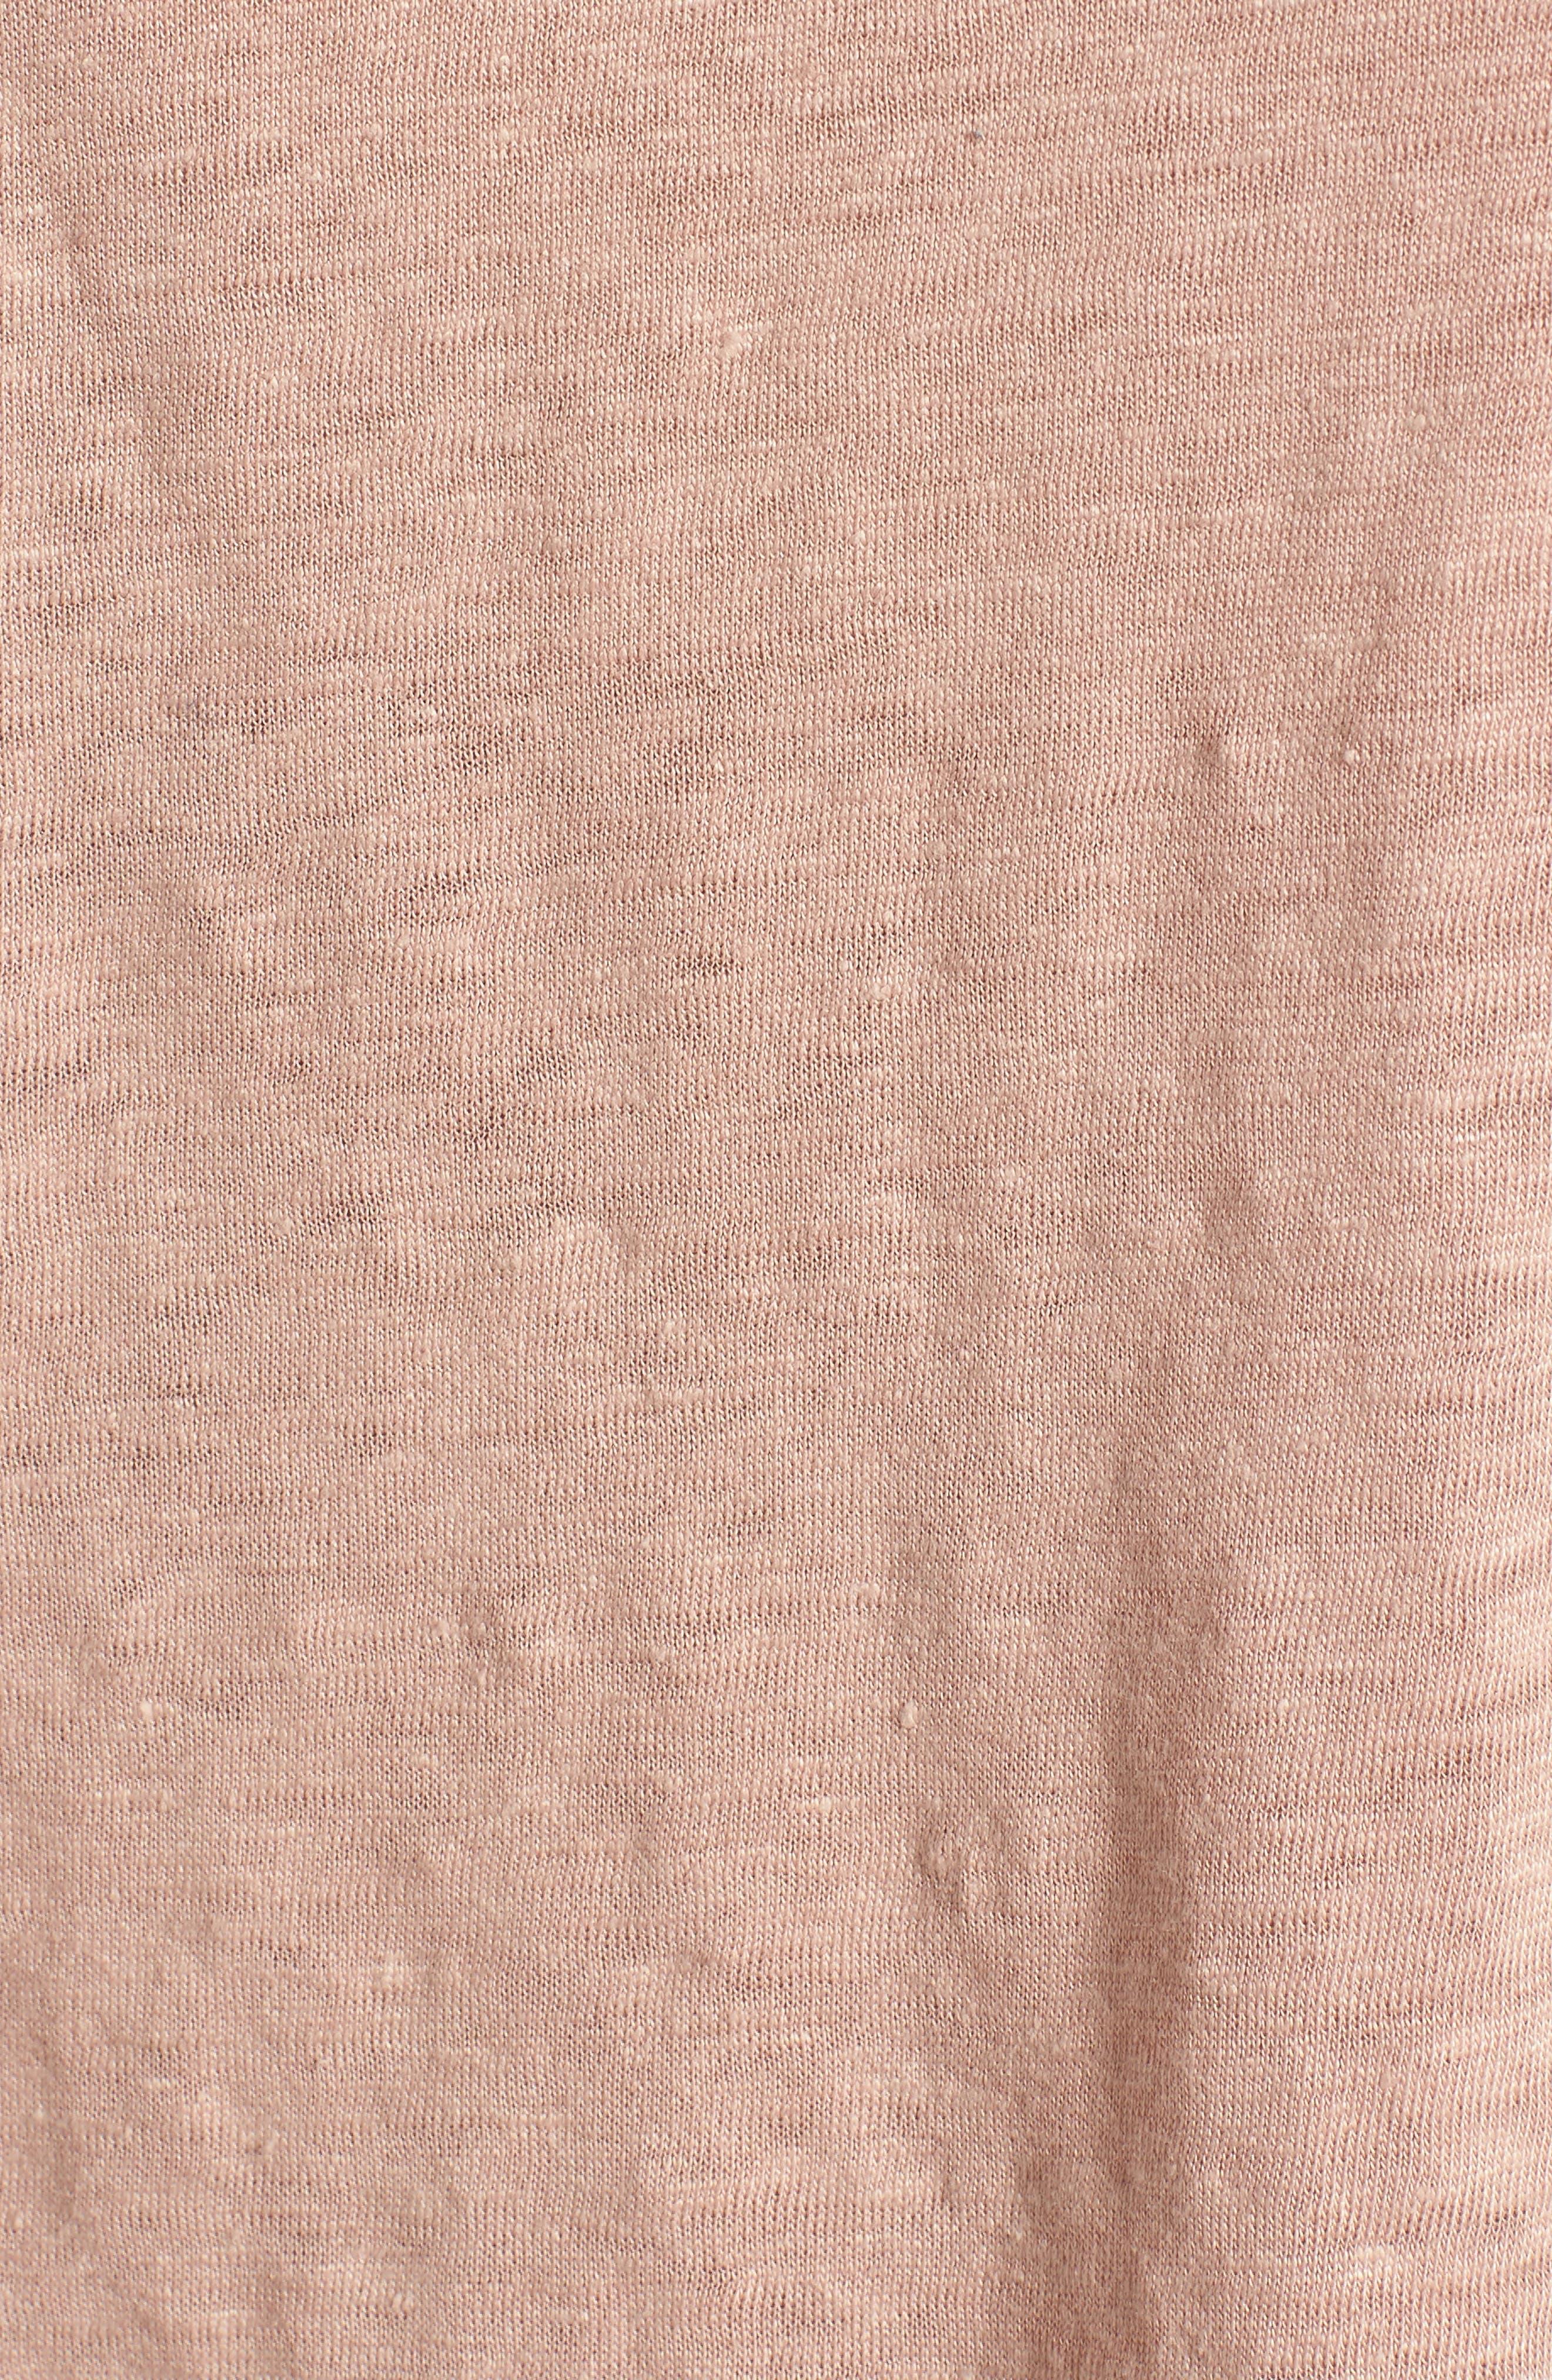 Alternate Image 5  - Madewell Modern Linen Gather Top